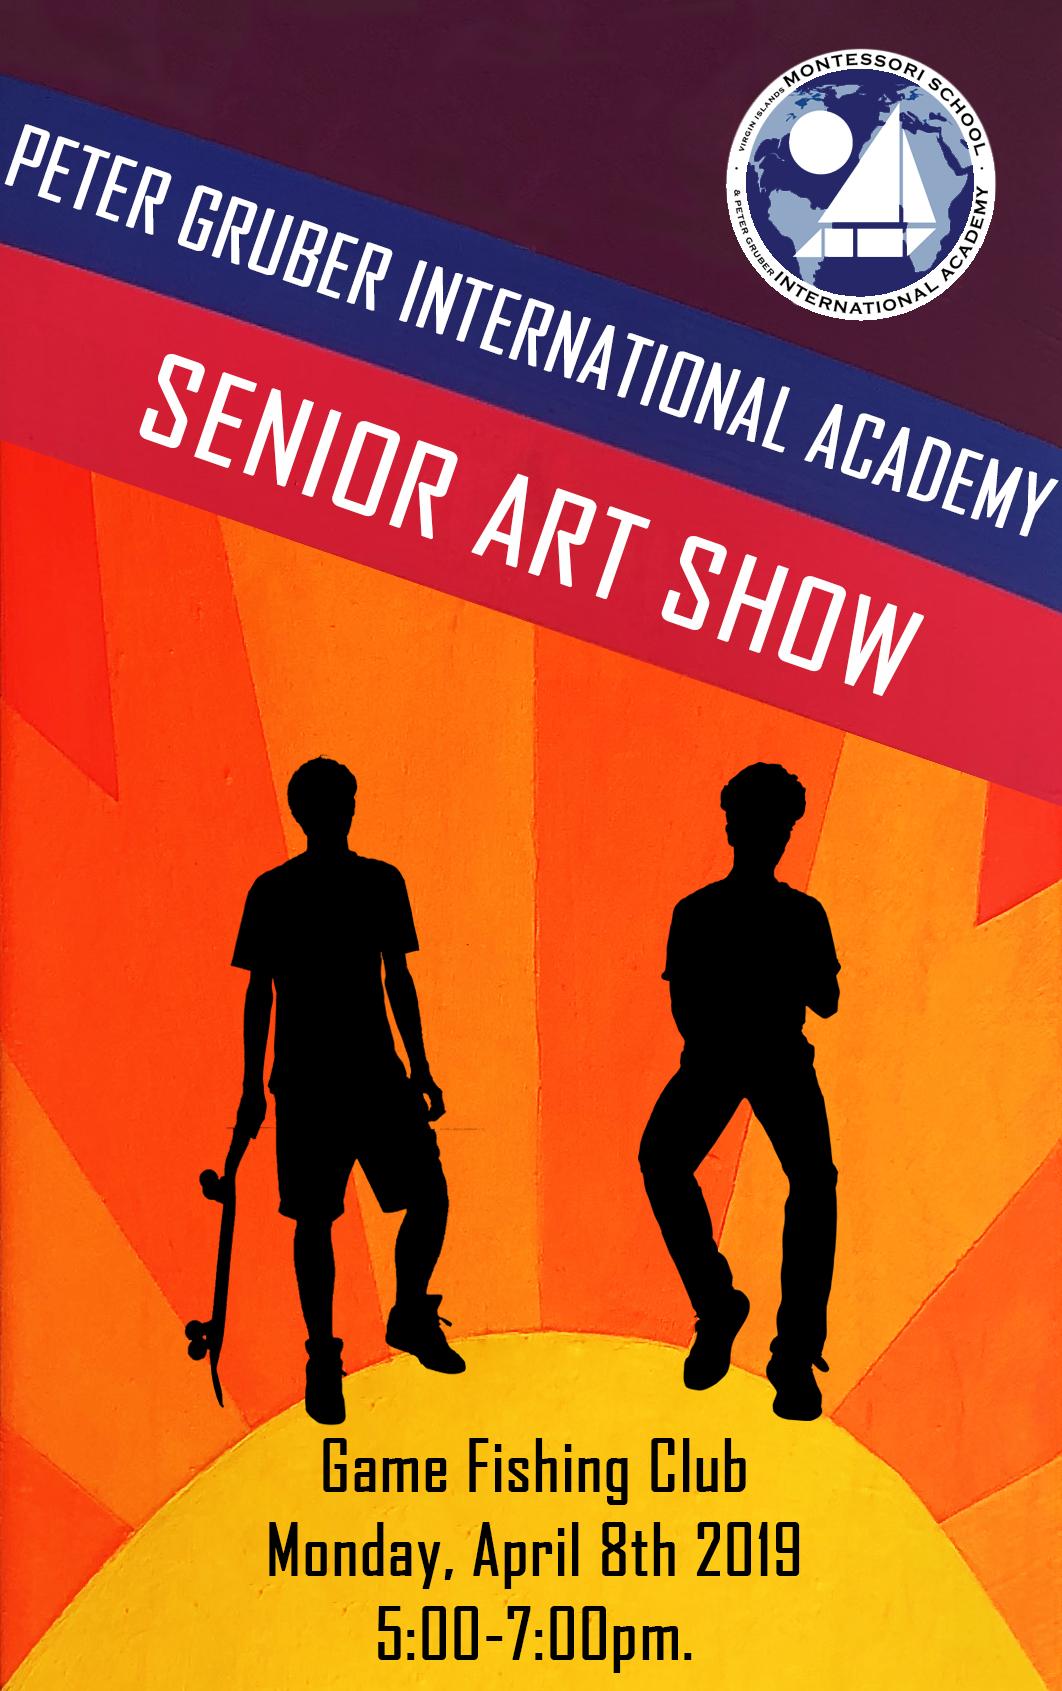 Art Show Poster FINAL (2) (1).png